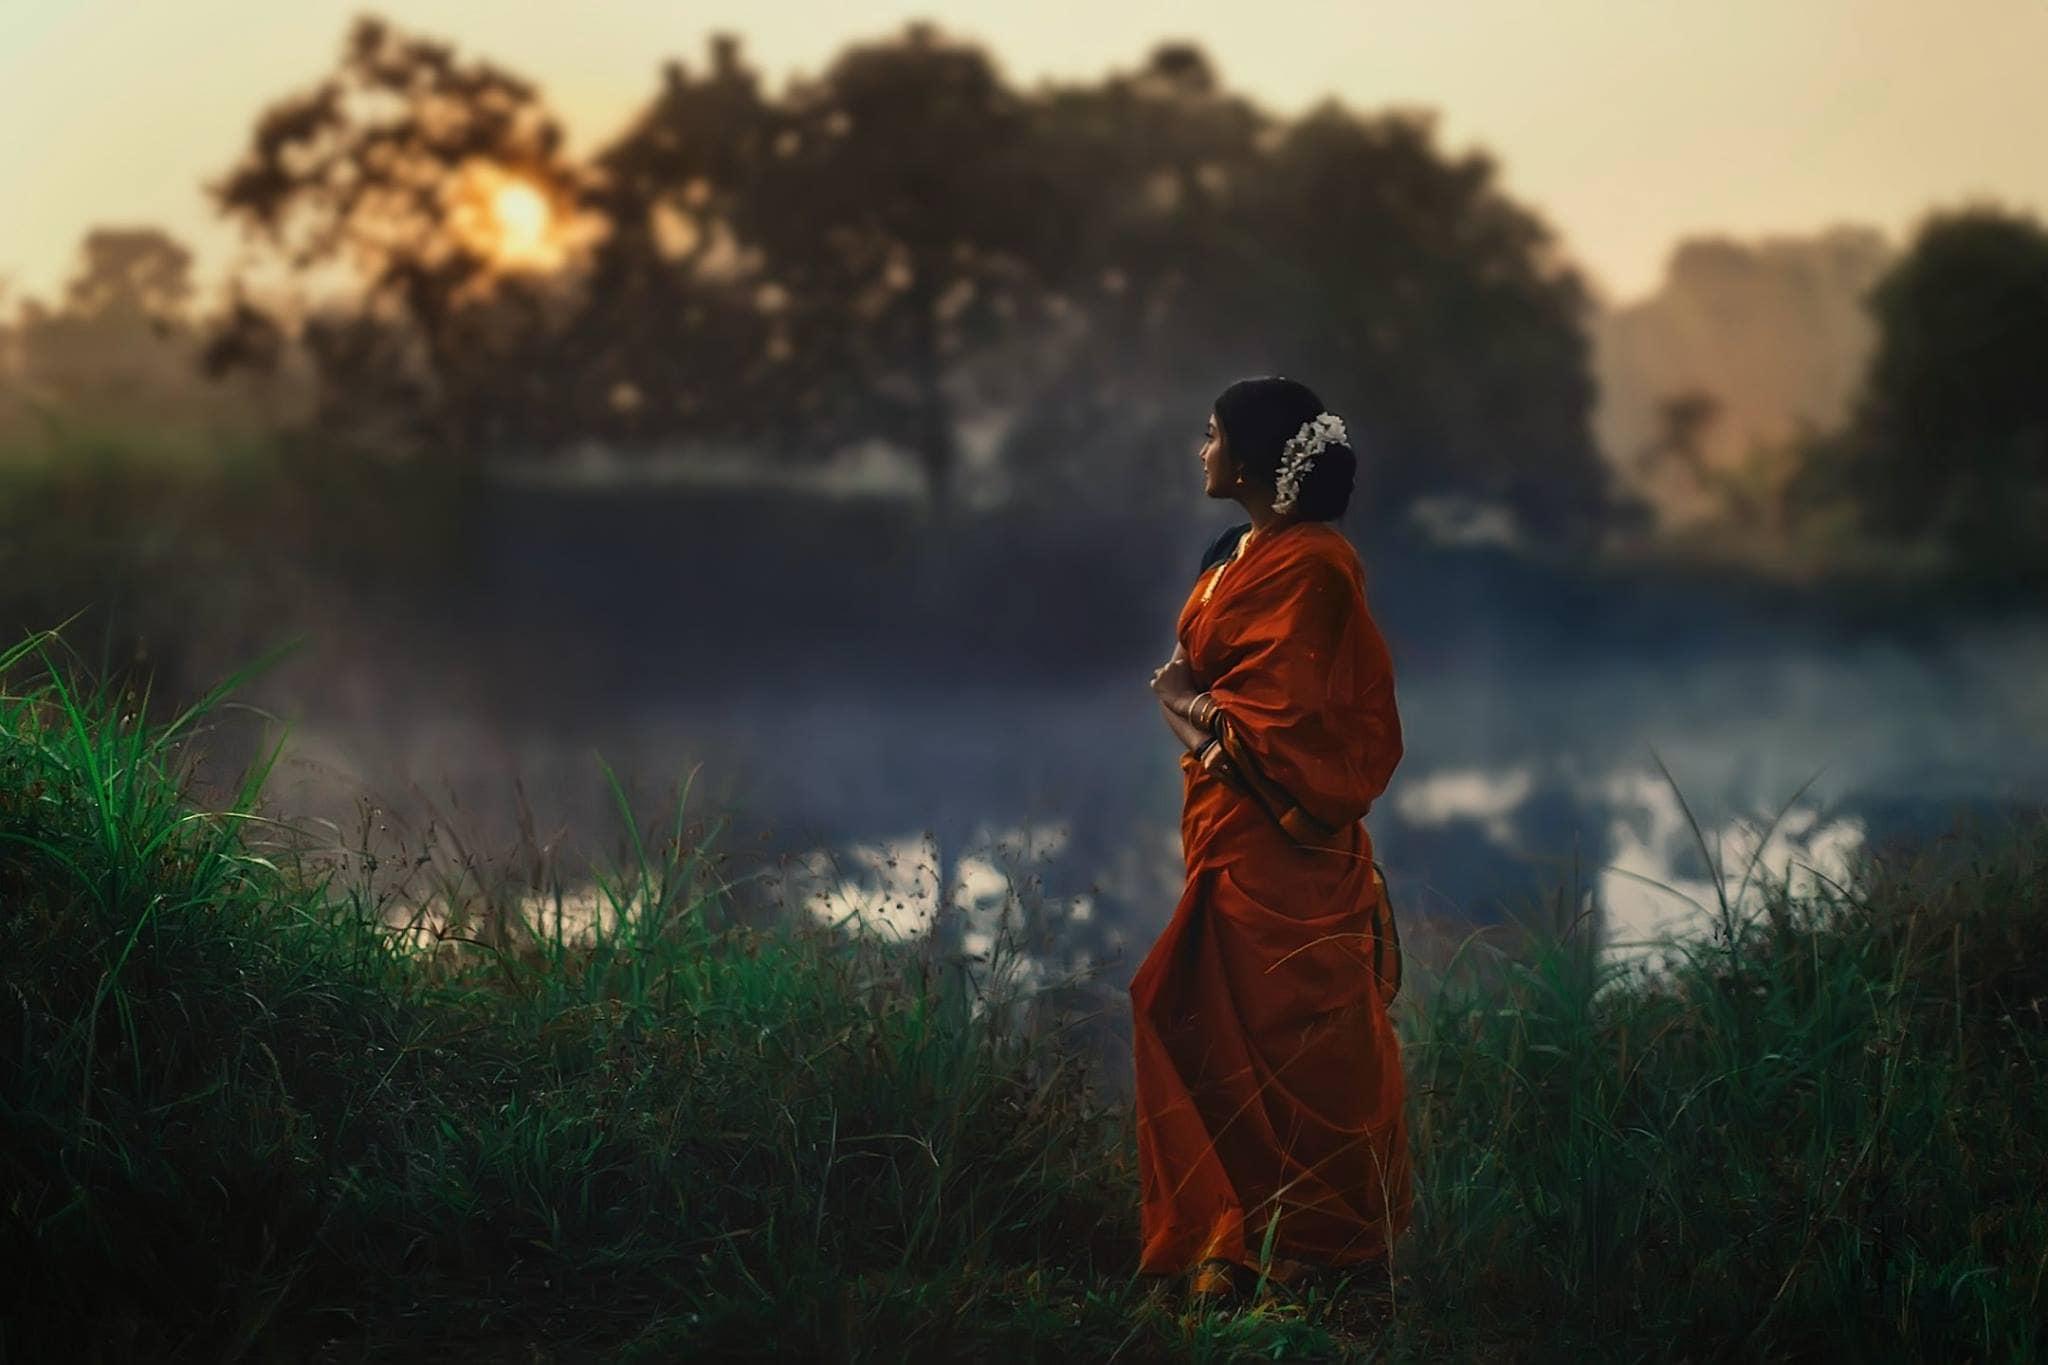 An-Award-winning-photo-story-Avani-By-Arjun-Kamath-2